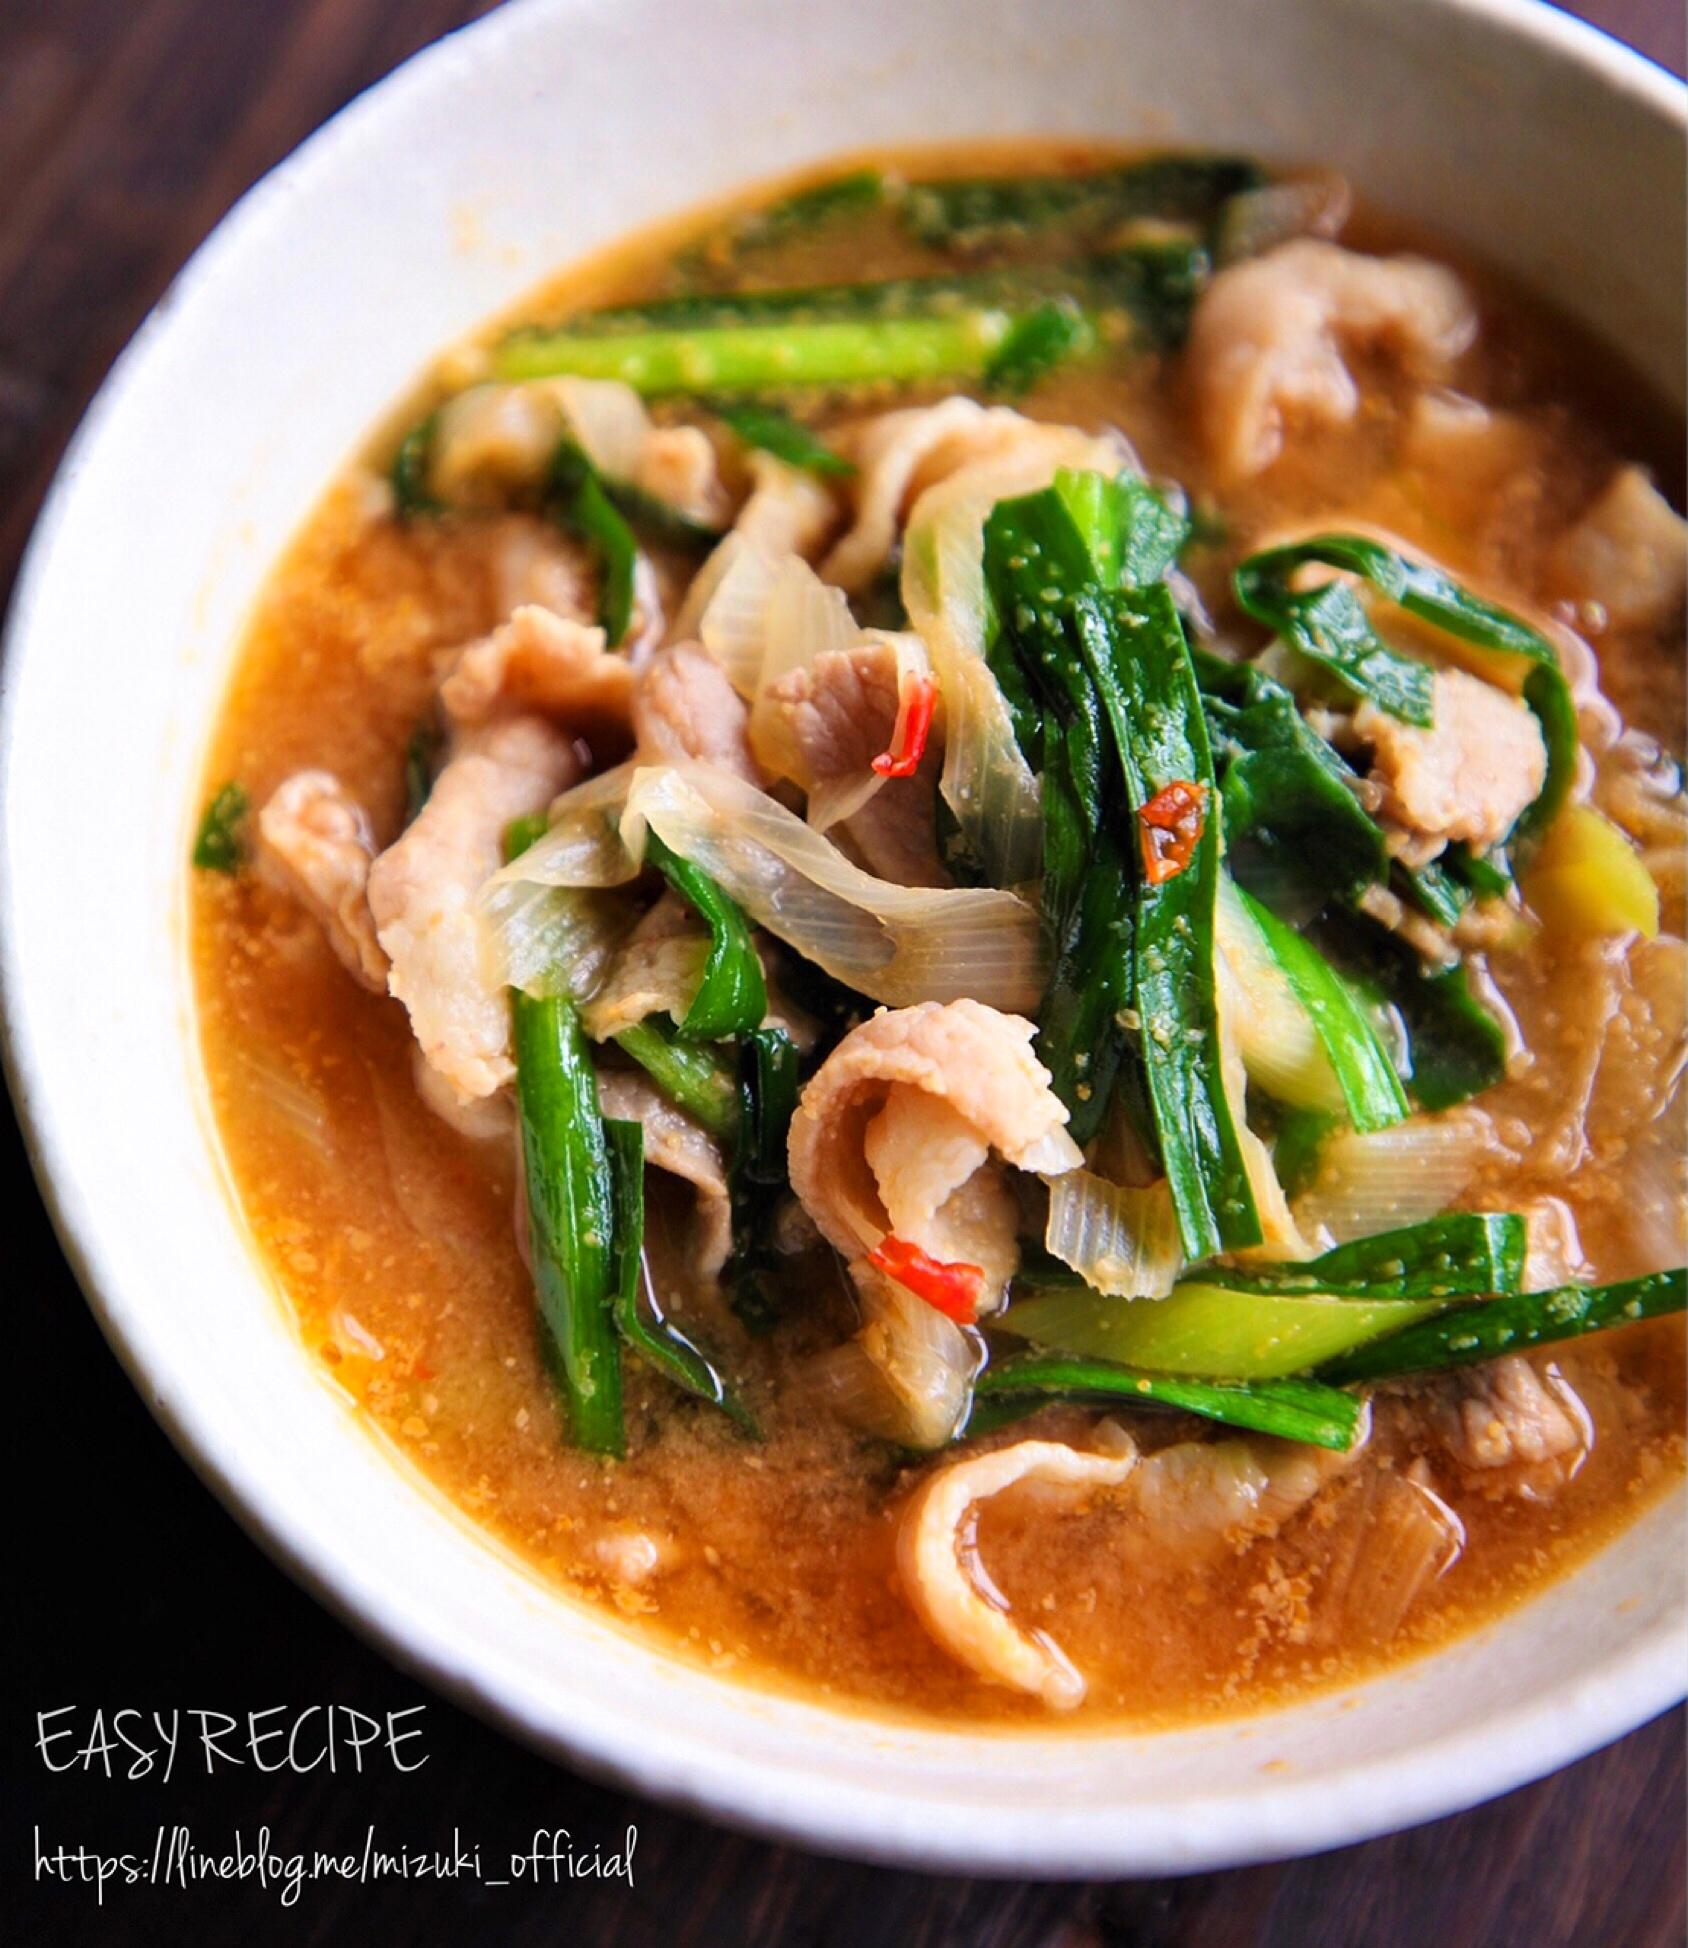 ♡豚肉とねぎの韓国風ごま味噌スープ♡【#簡単#おかずスープ#ピリ辛#具沢山】